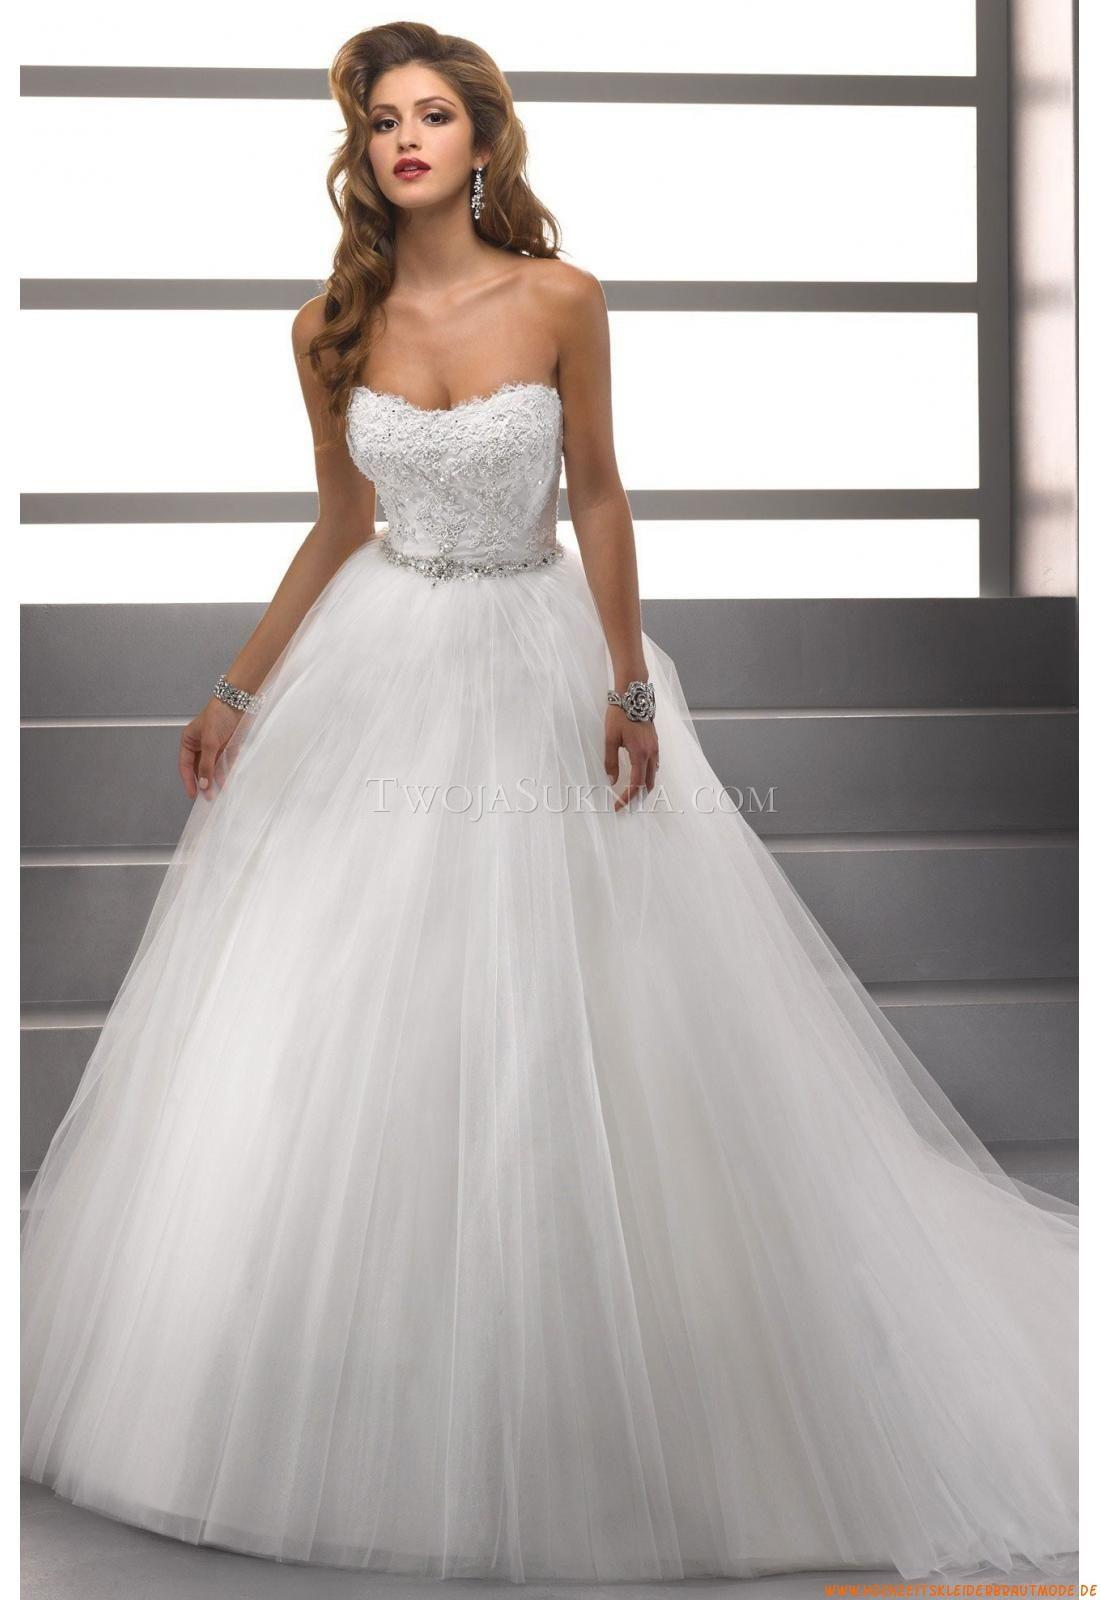 Hochzeitskleid Prinzessin Glitzer  Prinzessin Hochzeitskleid Glitzer Empire Brautkleider 2014